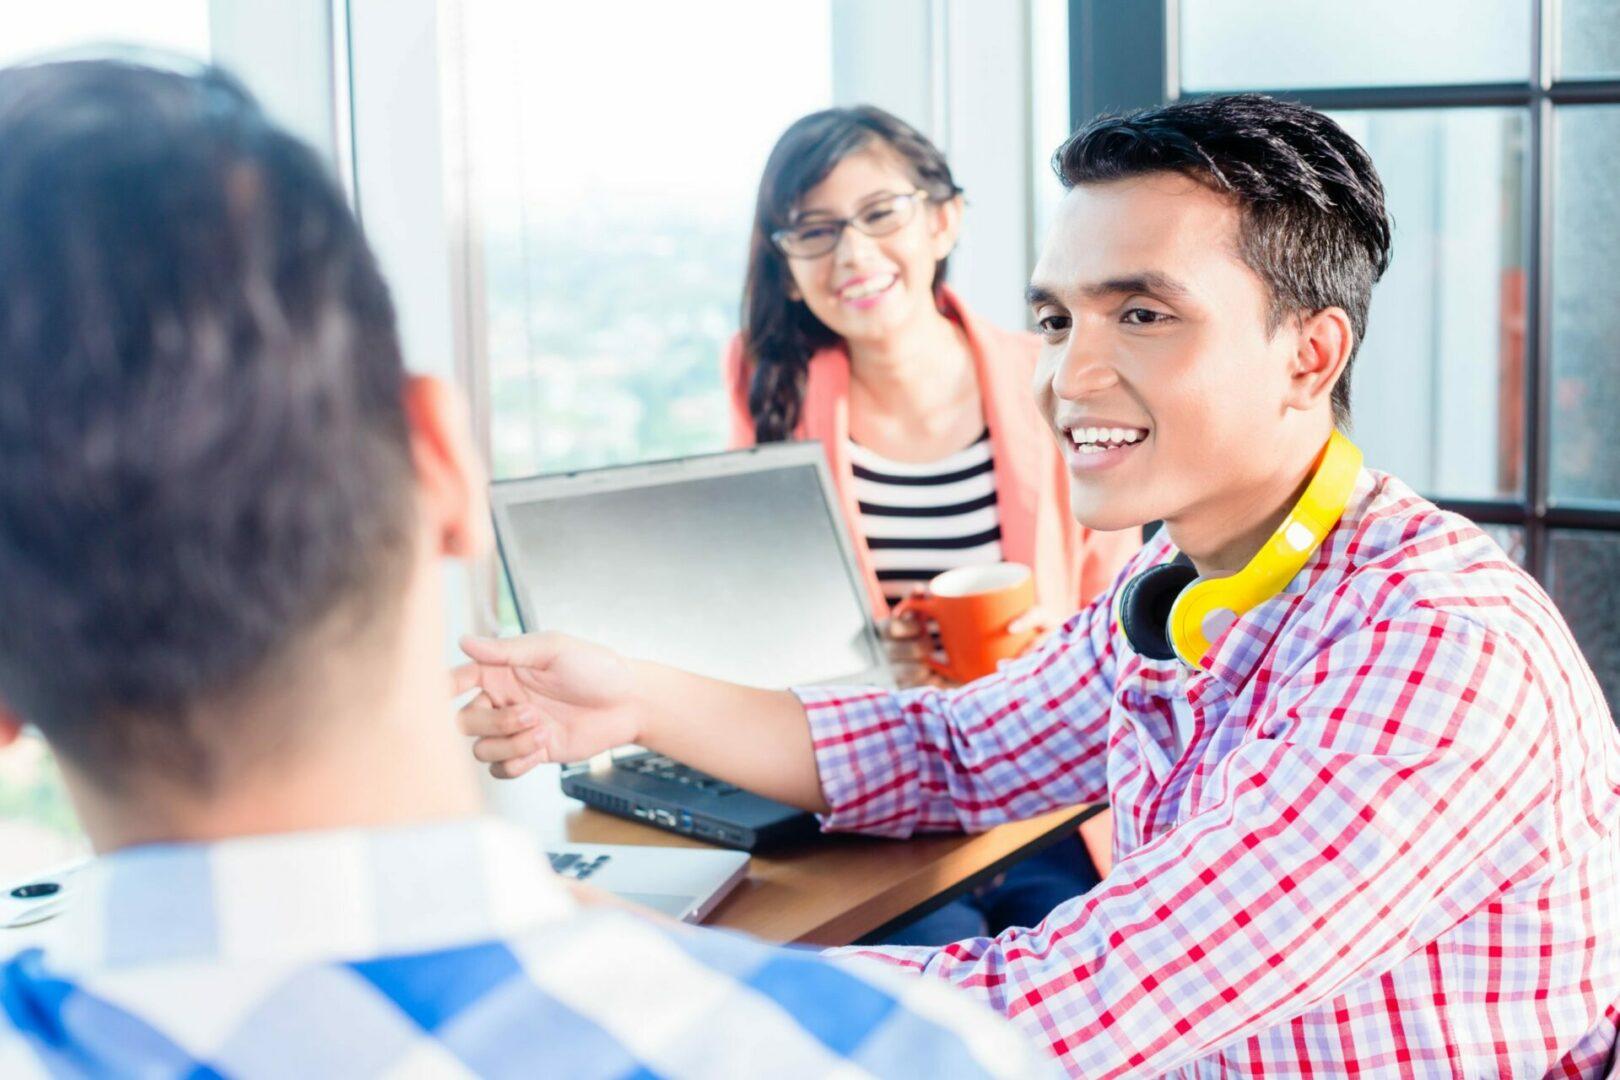 Ausbildung zur Fachinformatikerin oder zum Fachinformatiker: Nicht nur für Nerds!